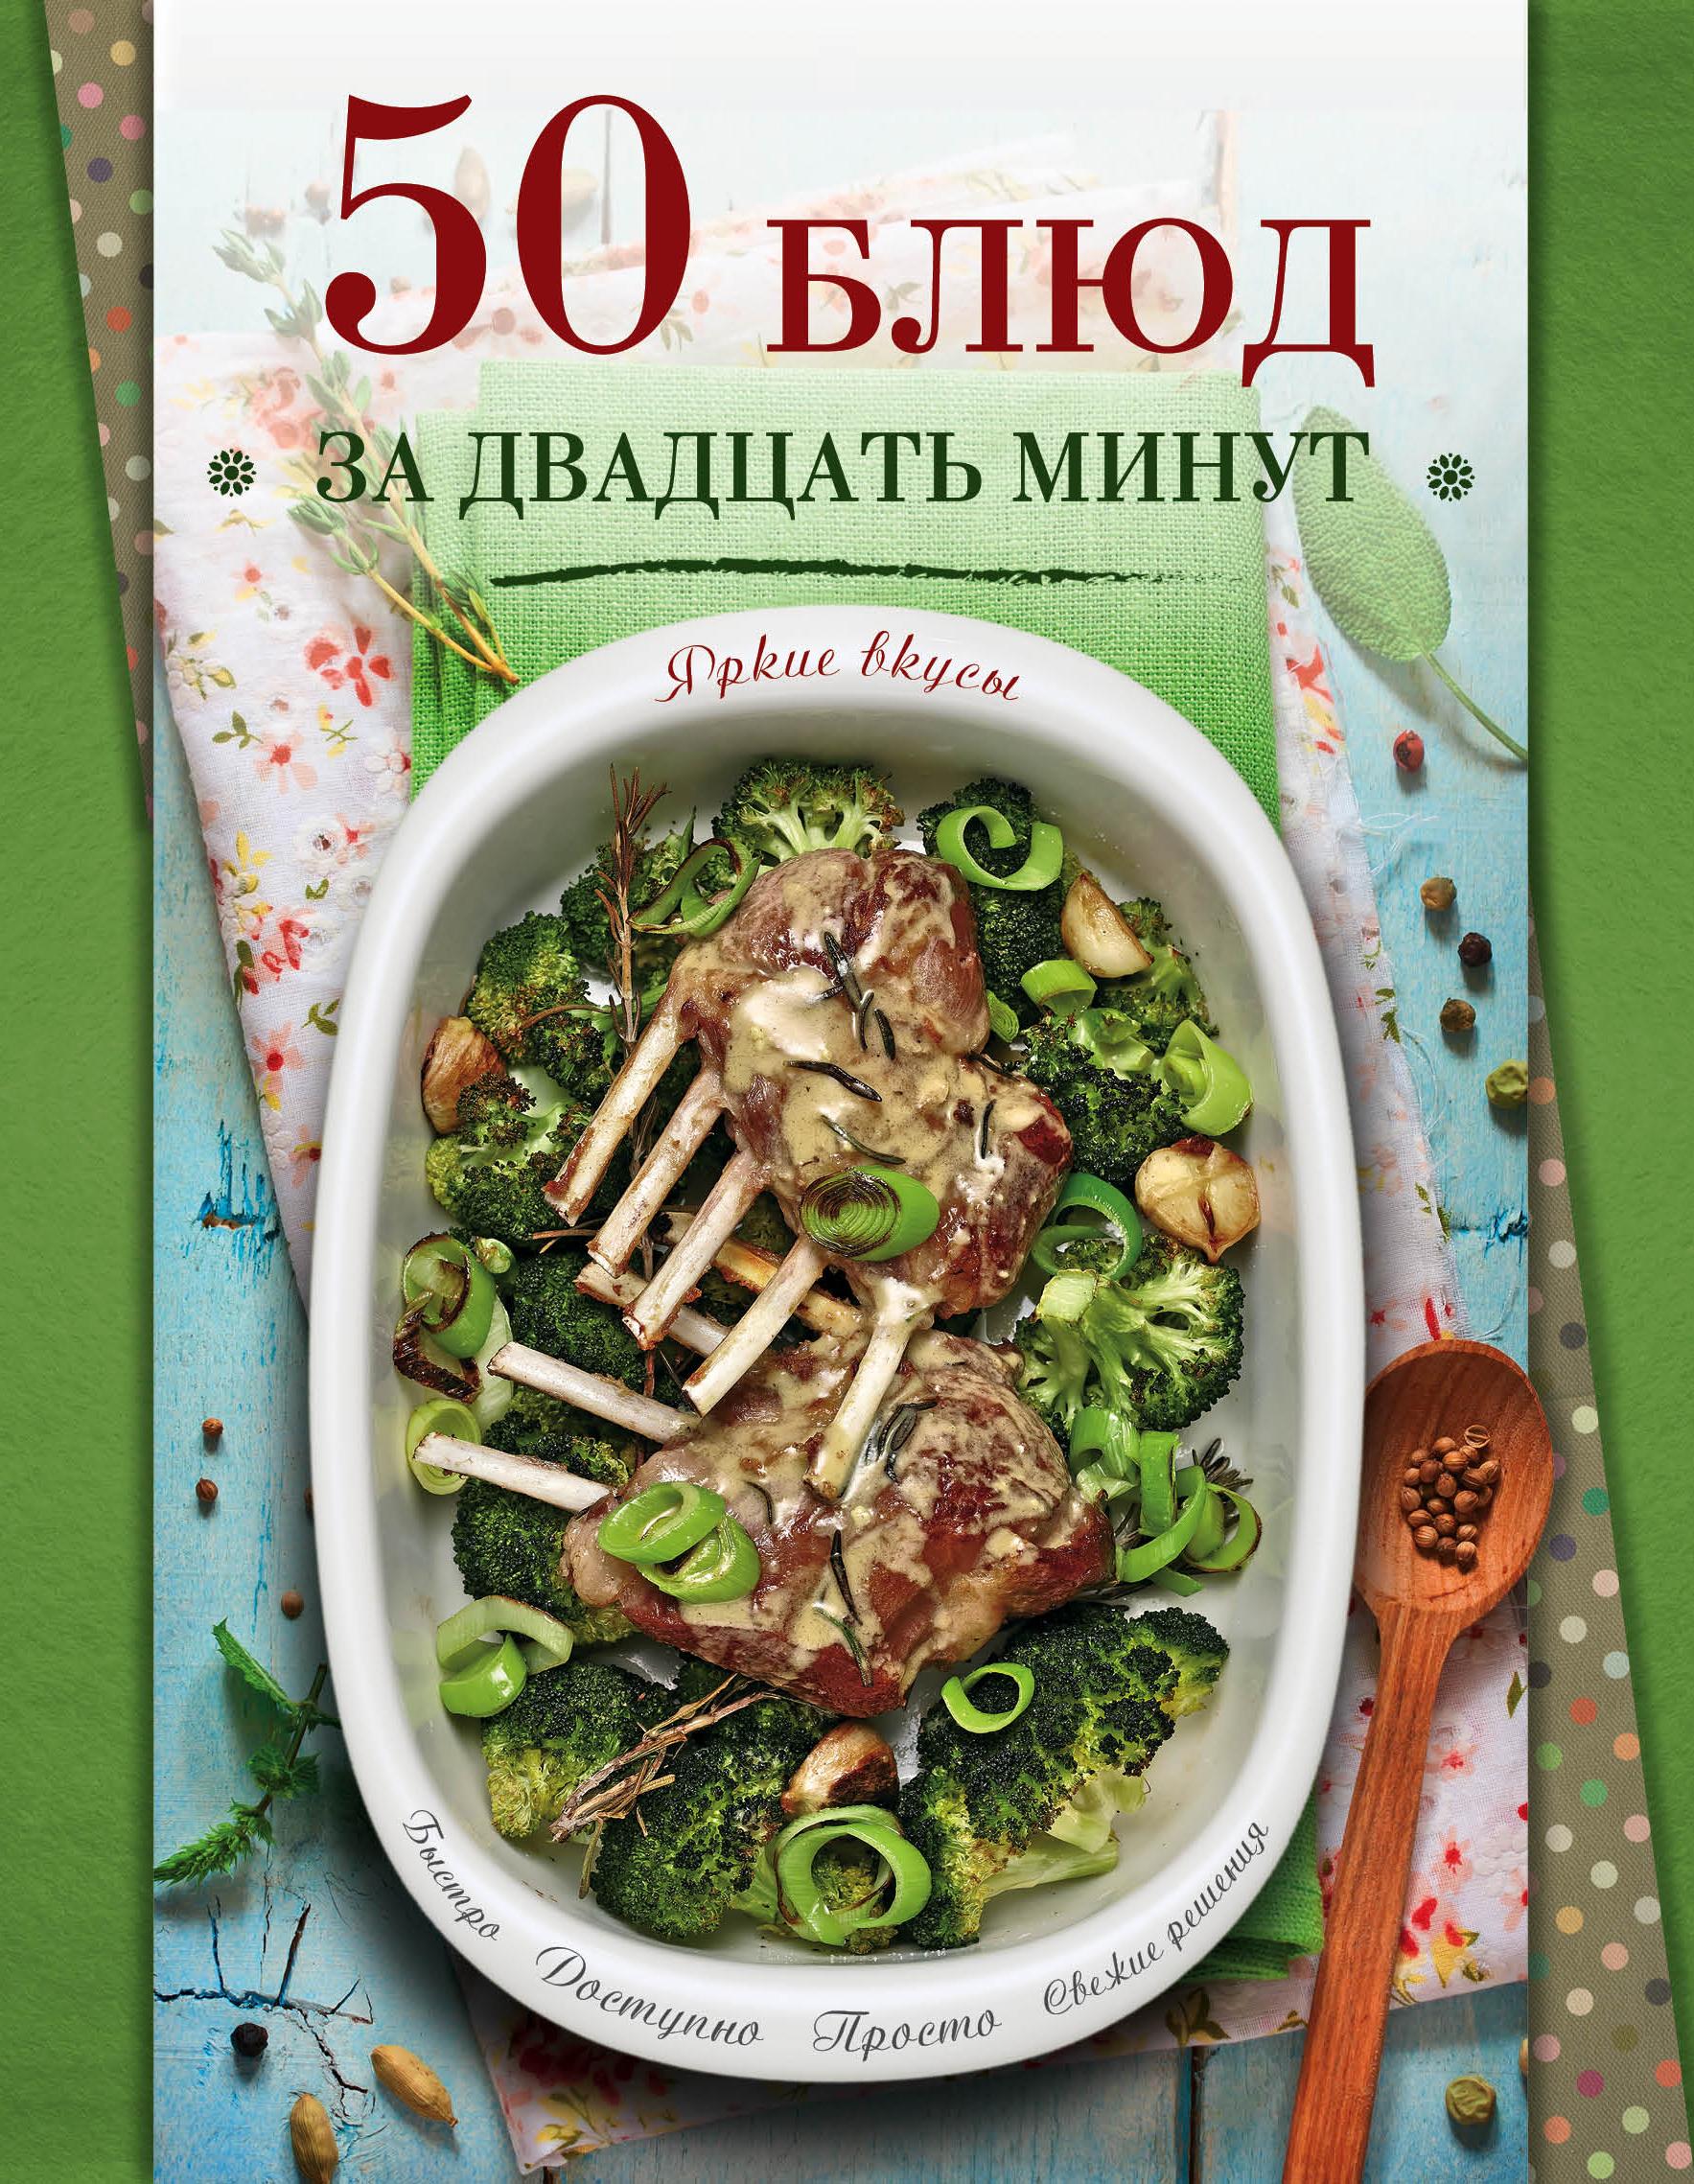 50 блюд за двадцать минут от book24.ru